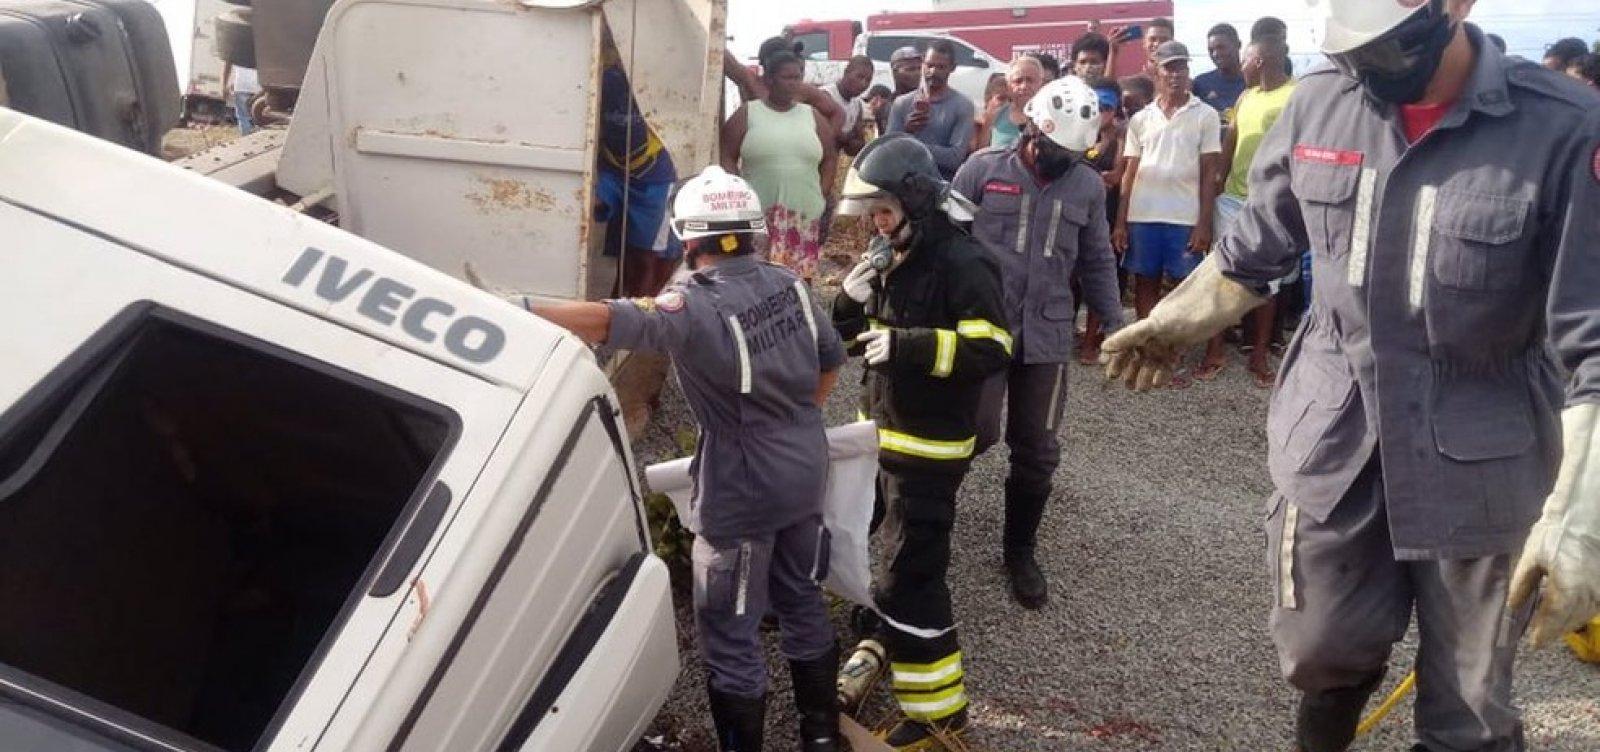 [Colisão entre caminhões deixa quatro feridos na Ilha de Itaparica]